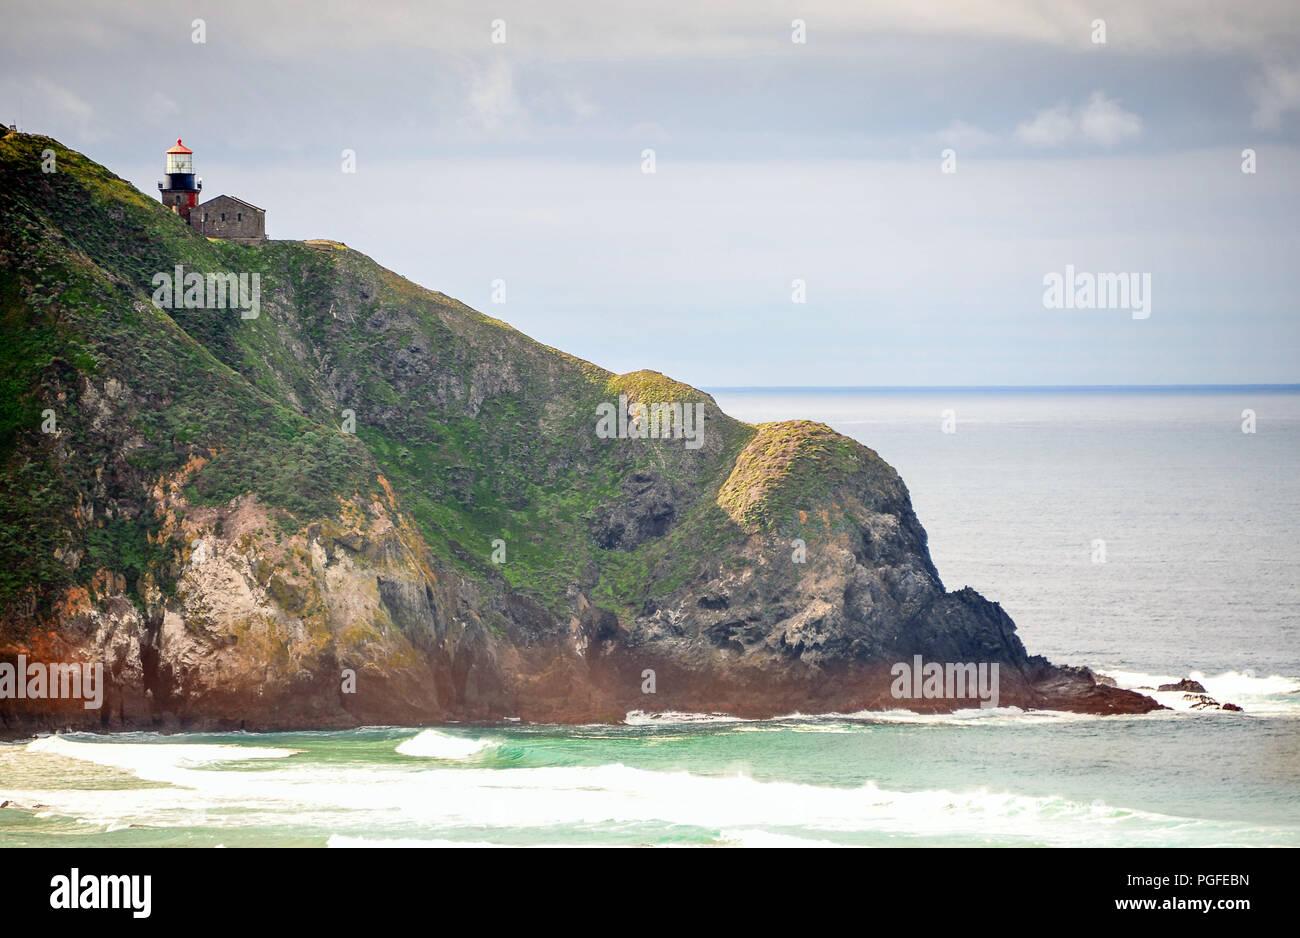 Monterey, California: escena colorida, Lighthouse Point Sur en la cima de una roca volcánica dramático con mar brumoso/fondo del cielo Imagen De Stock